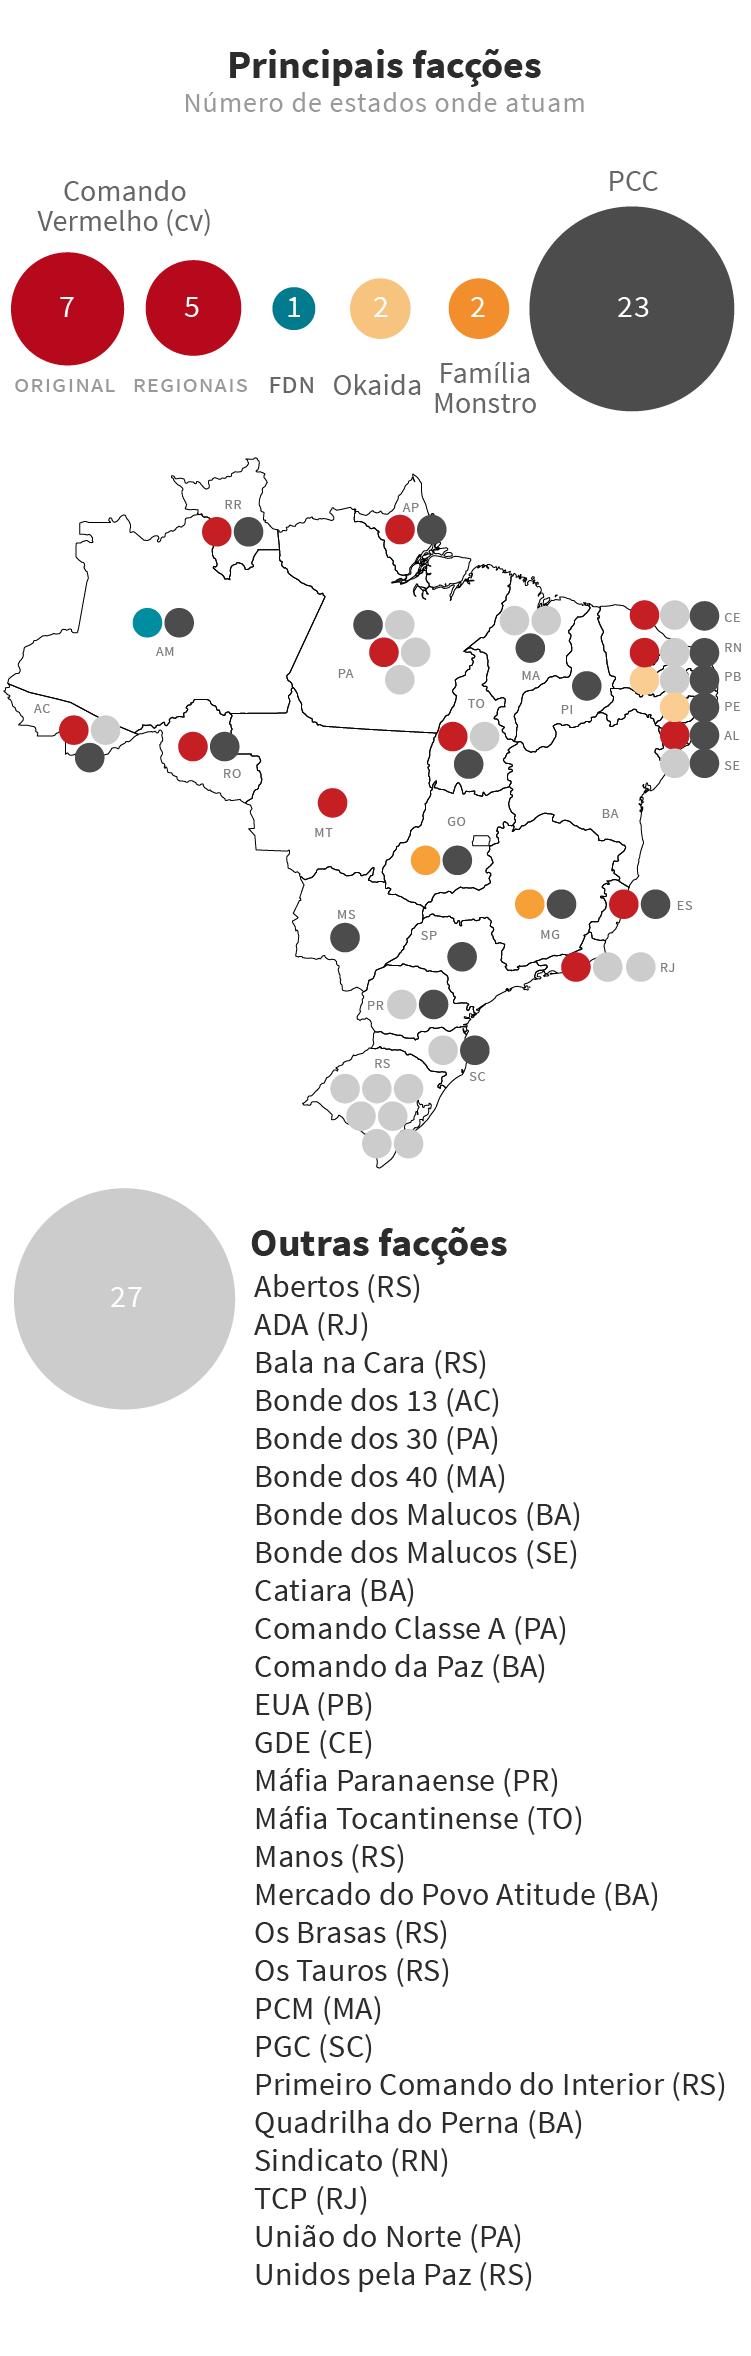 Infográfico: Mapa das facções criminosas no Brasil com as maiores organizações criminosas, como o PCC (Primeiro Comando da Capital) e CV (Comando Vermelho), e estruturas regionais, como FDN, Okaida e Família Monstro.